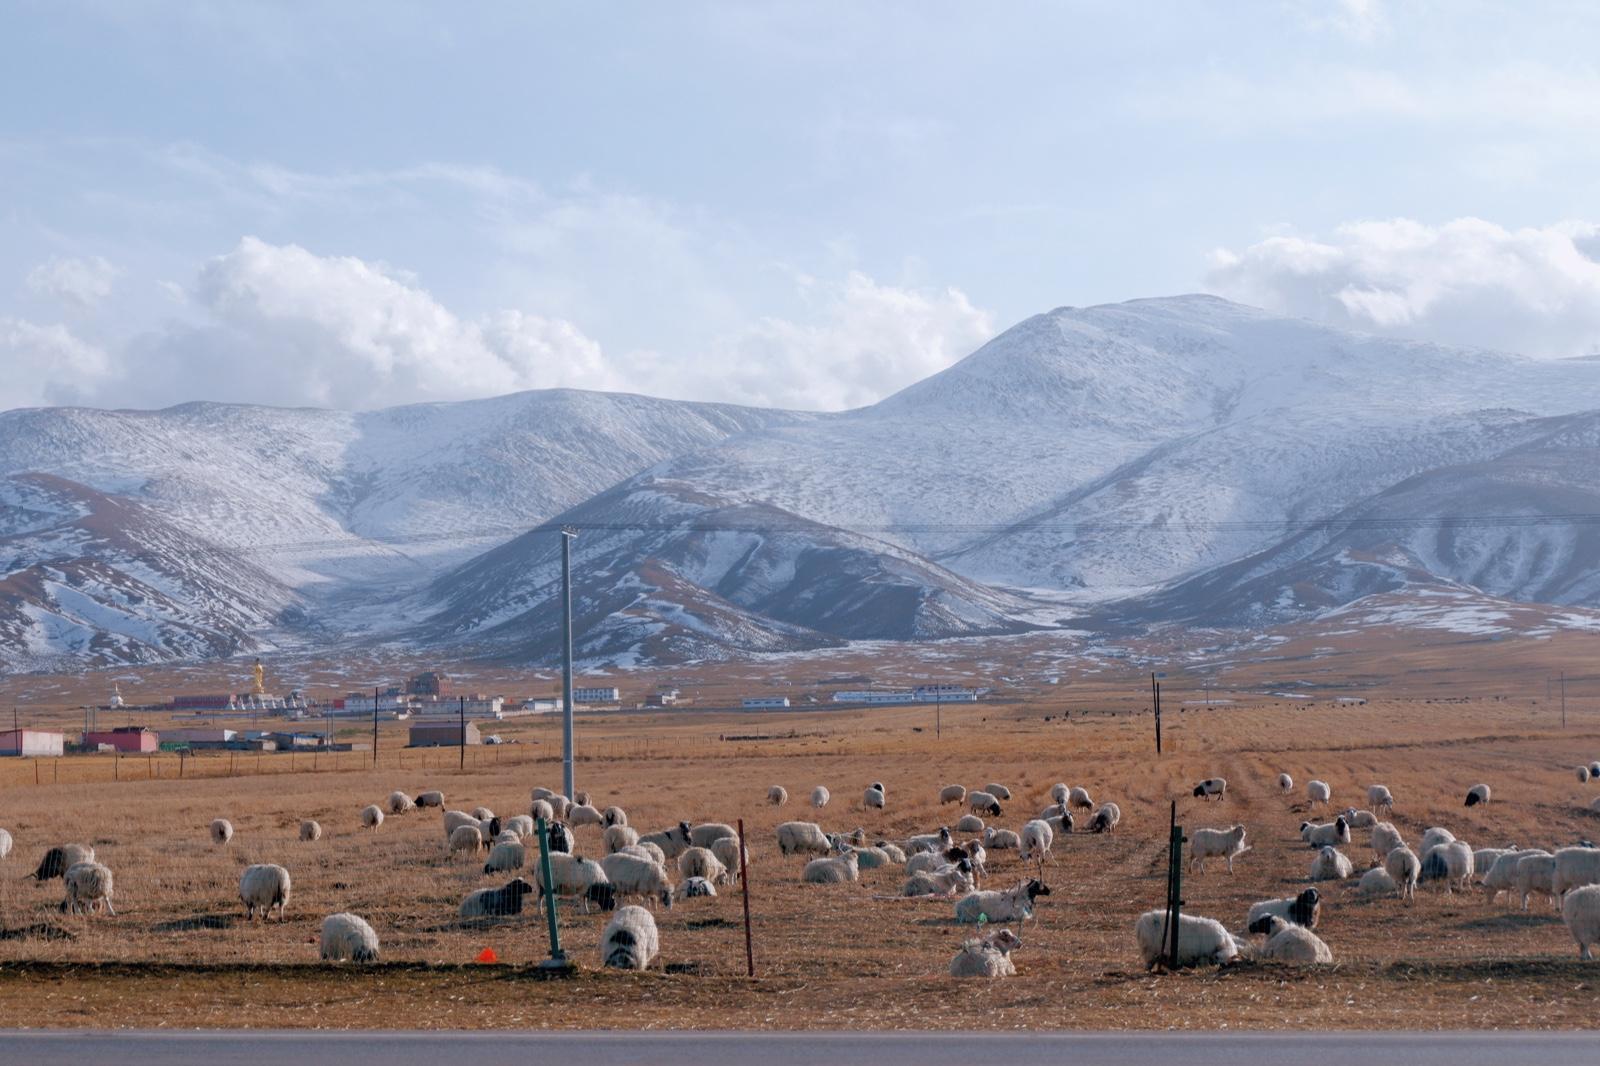 西北游记/冬季徒搭青海湖,与雪山羊群作伴【附实用攻略+小众景点+路线图】